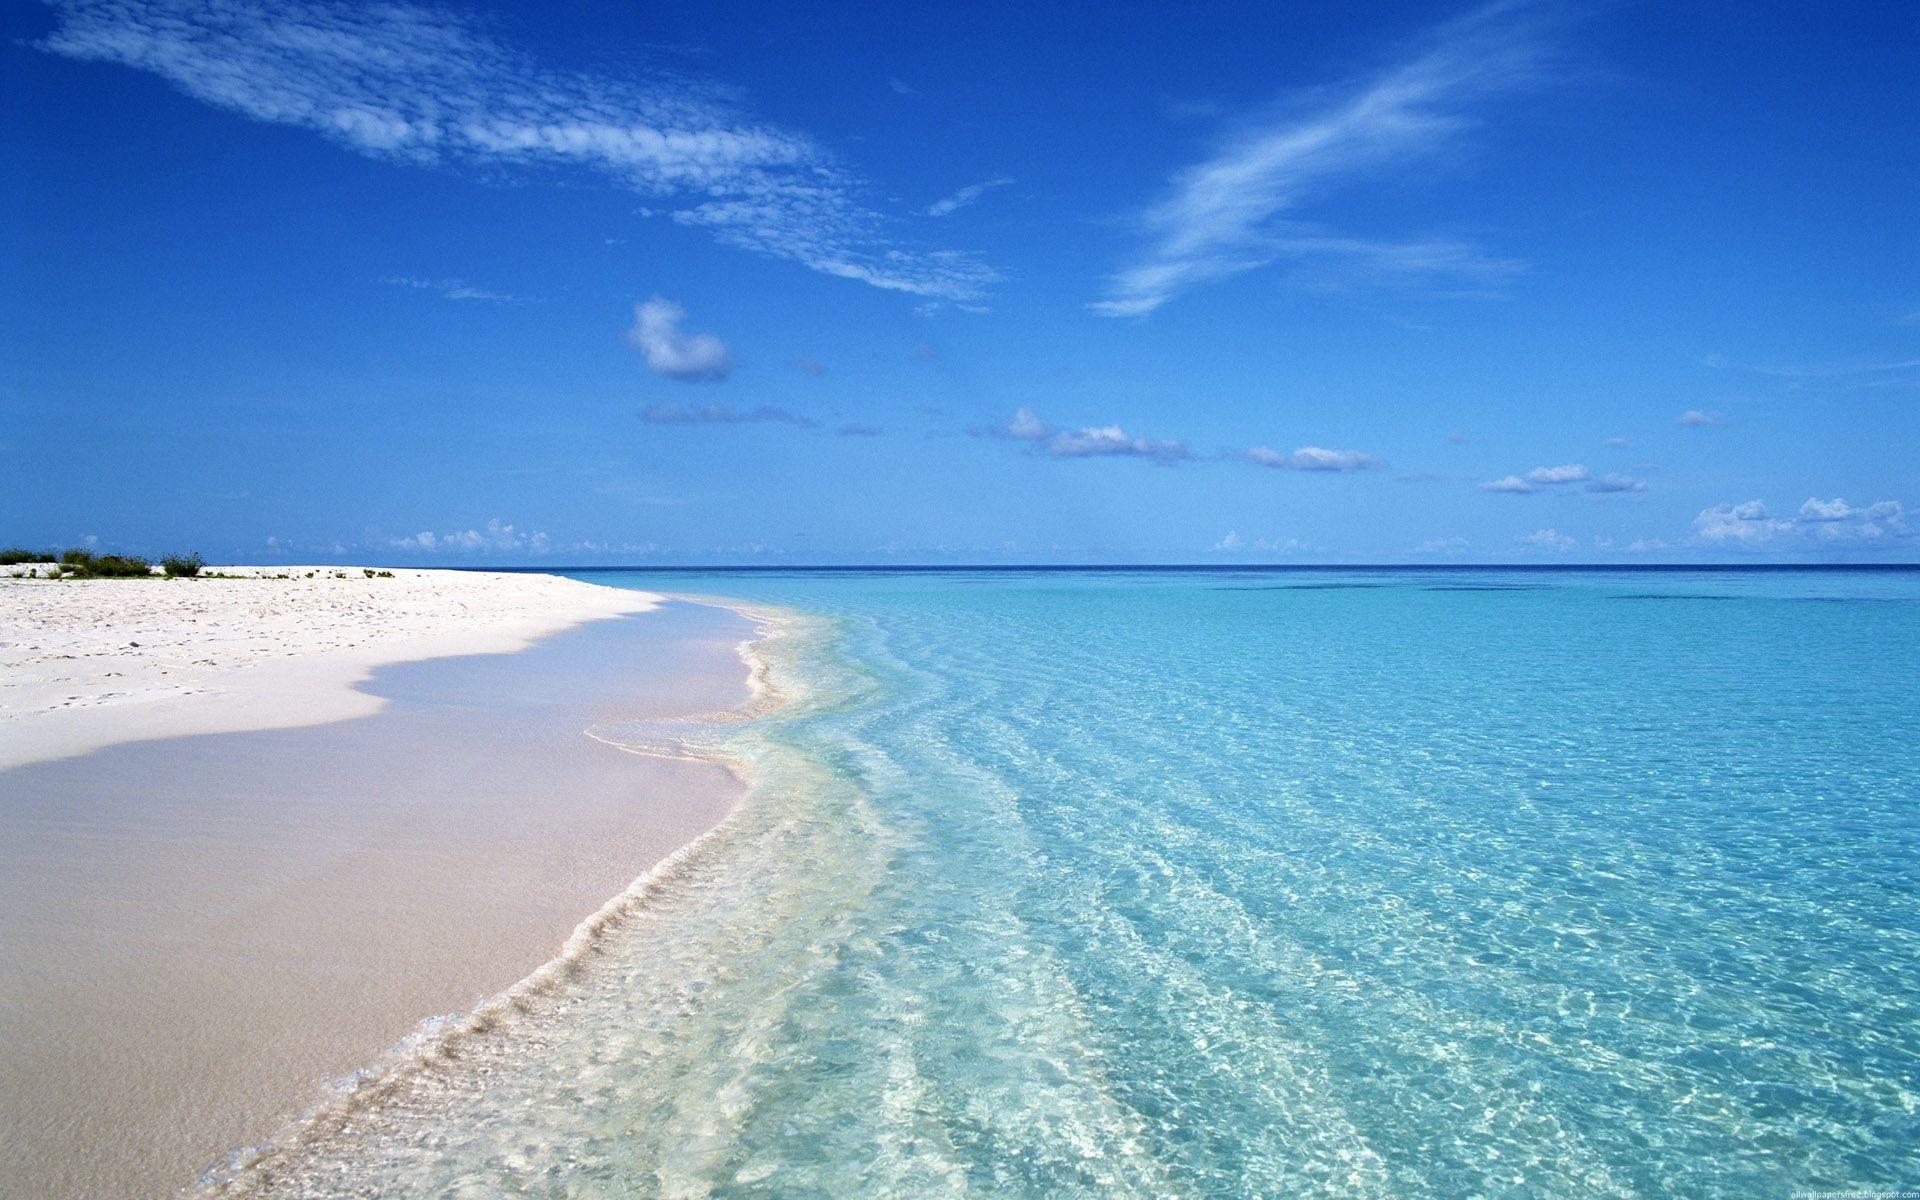 27820 скачать обои Пляж, Пейзаж, Море, Облака - заставки и картинки бесплатно